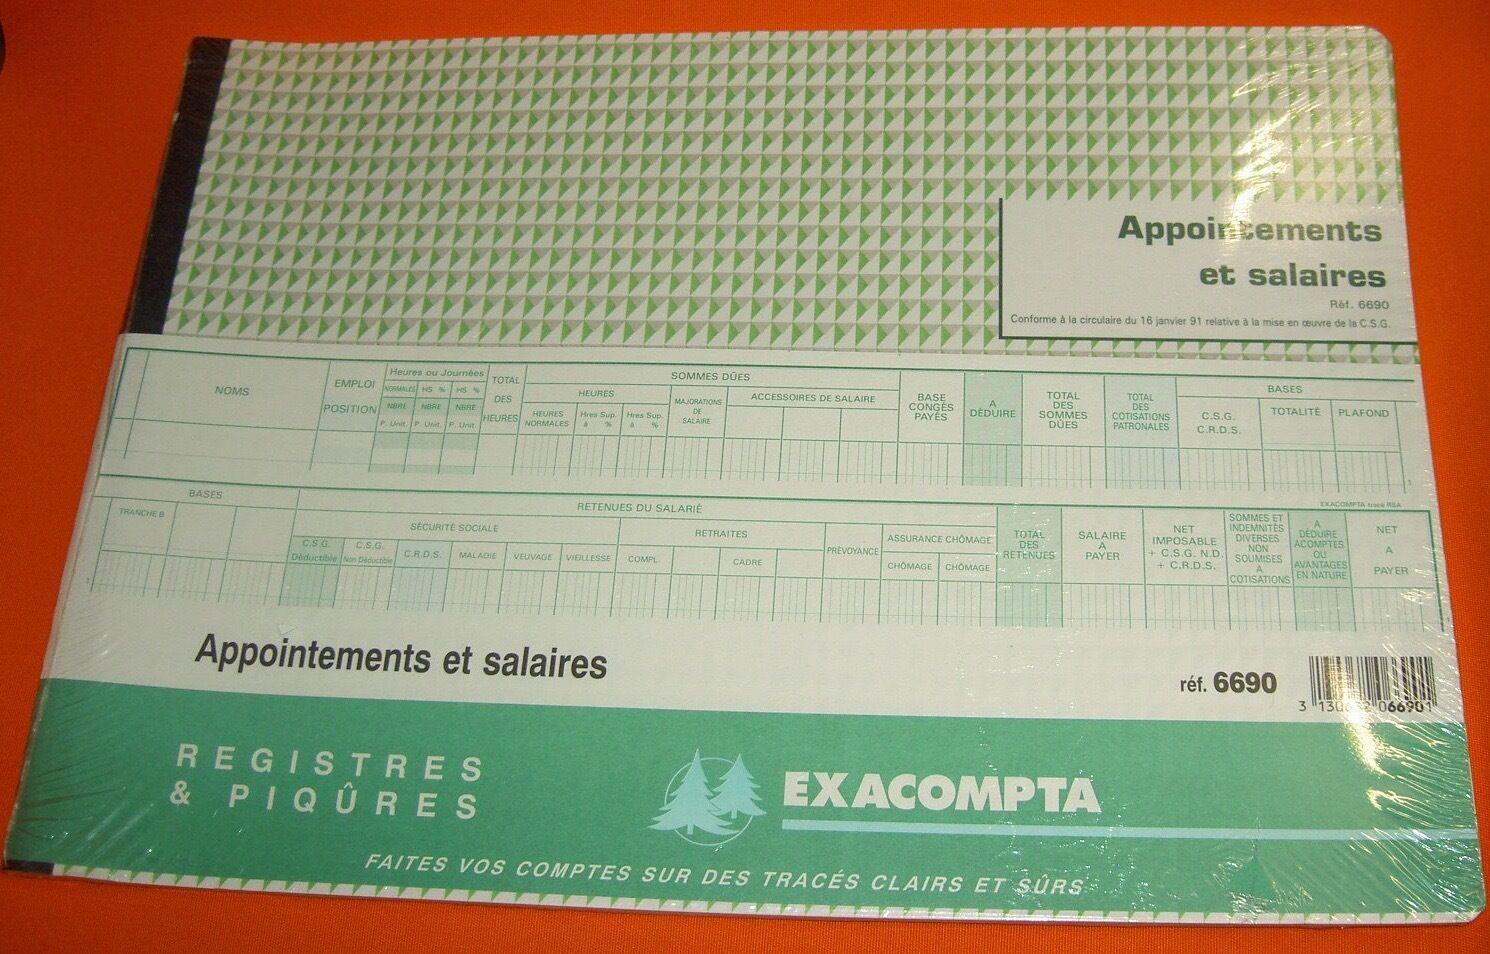 Registre EXACOMPTA 6690 Appointements Appointements 6690 et Salaires C.S.G Comptabilité obligatoire 4d6755